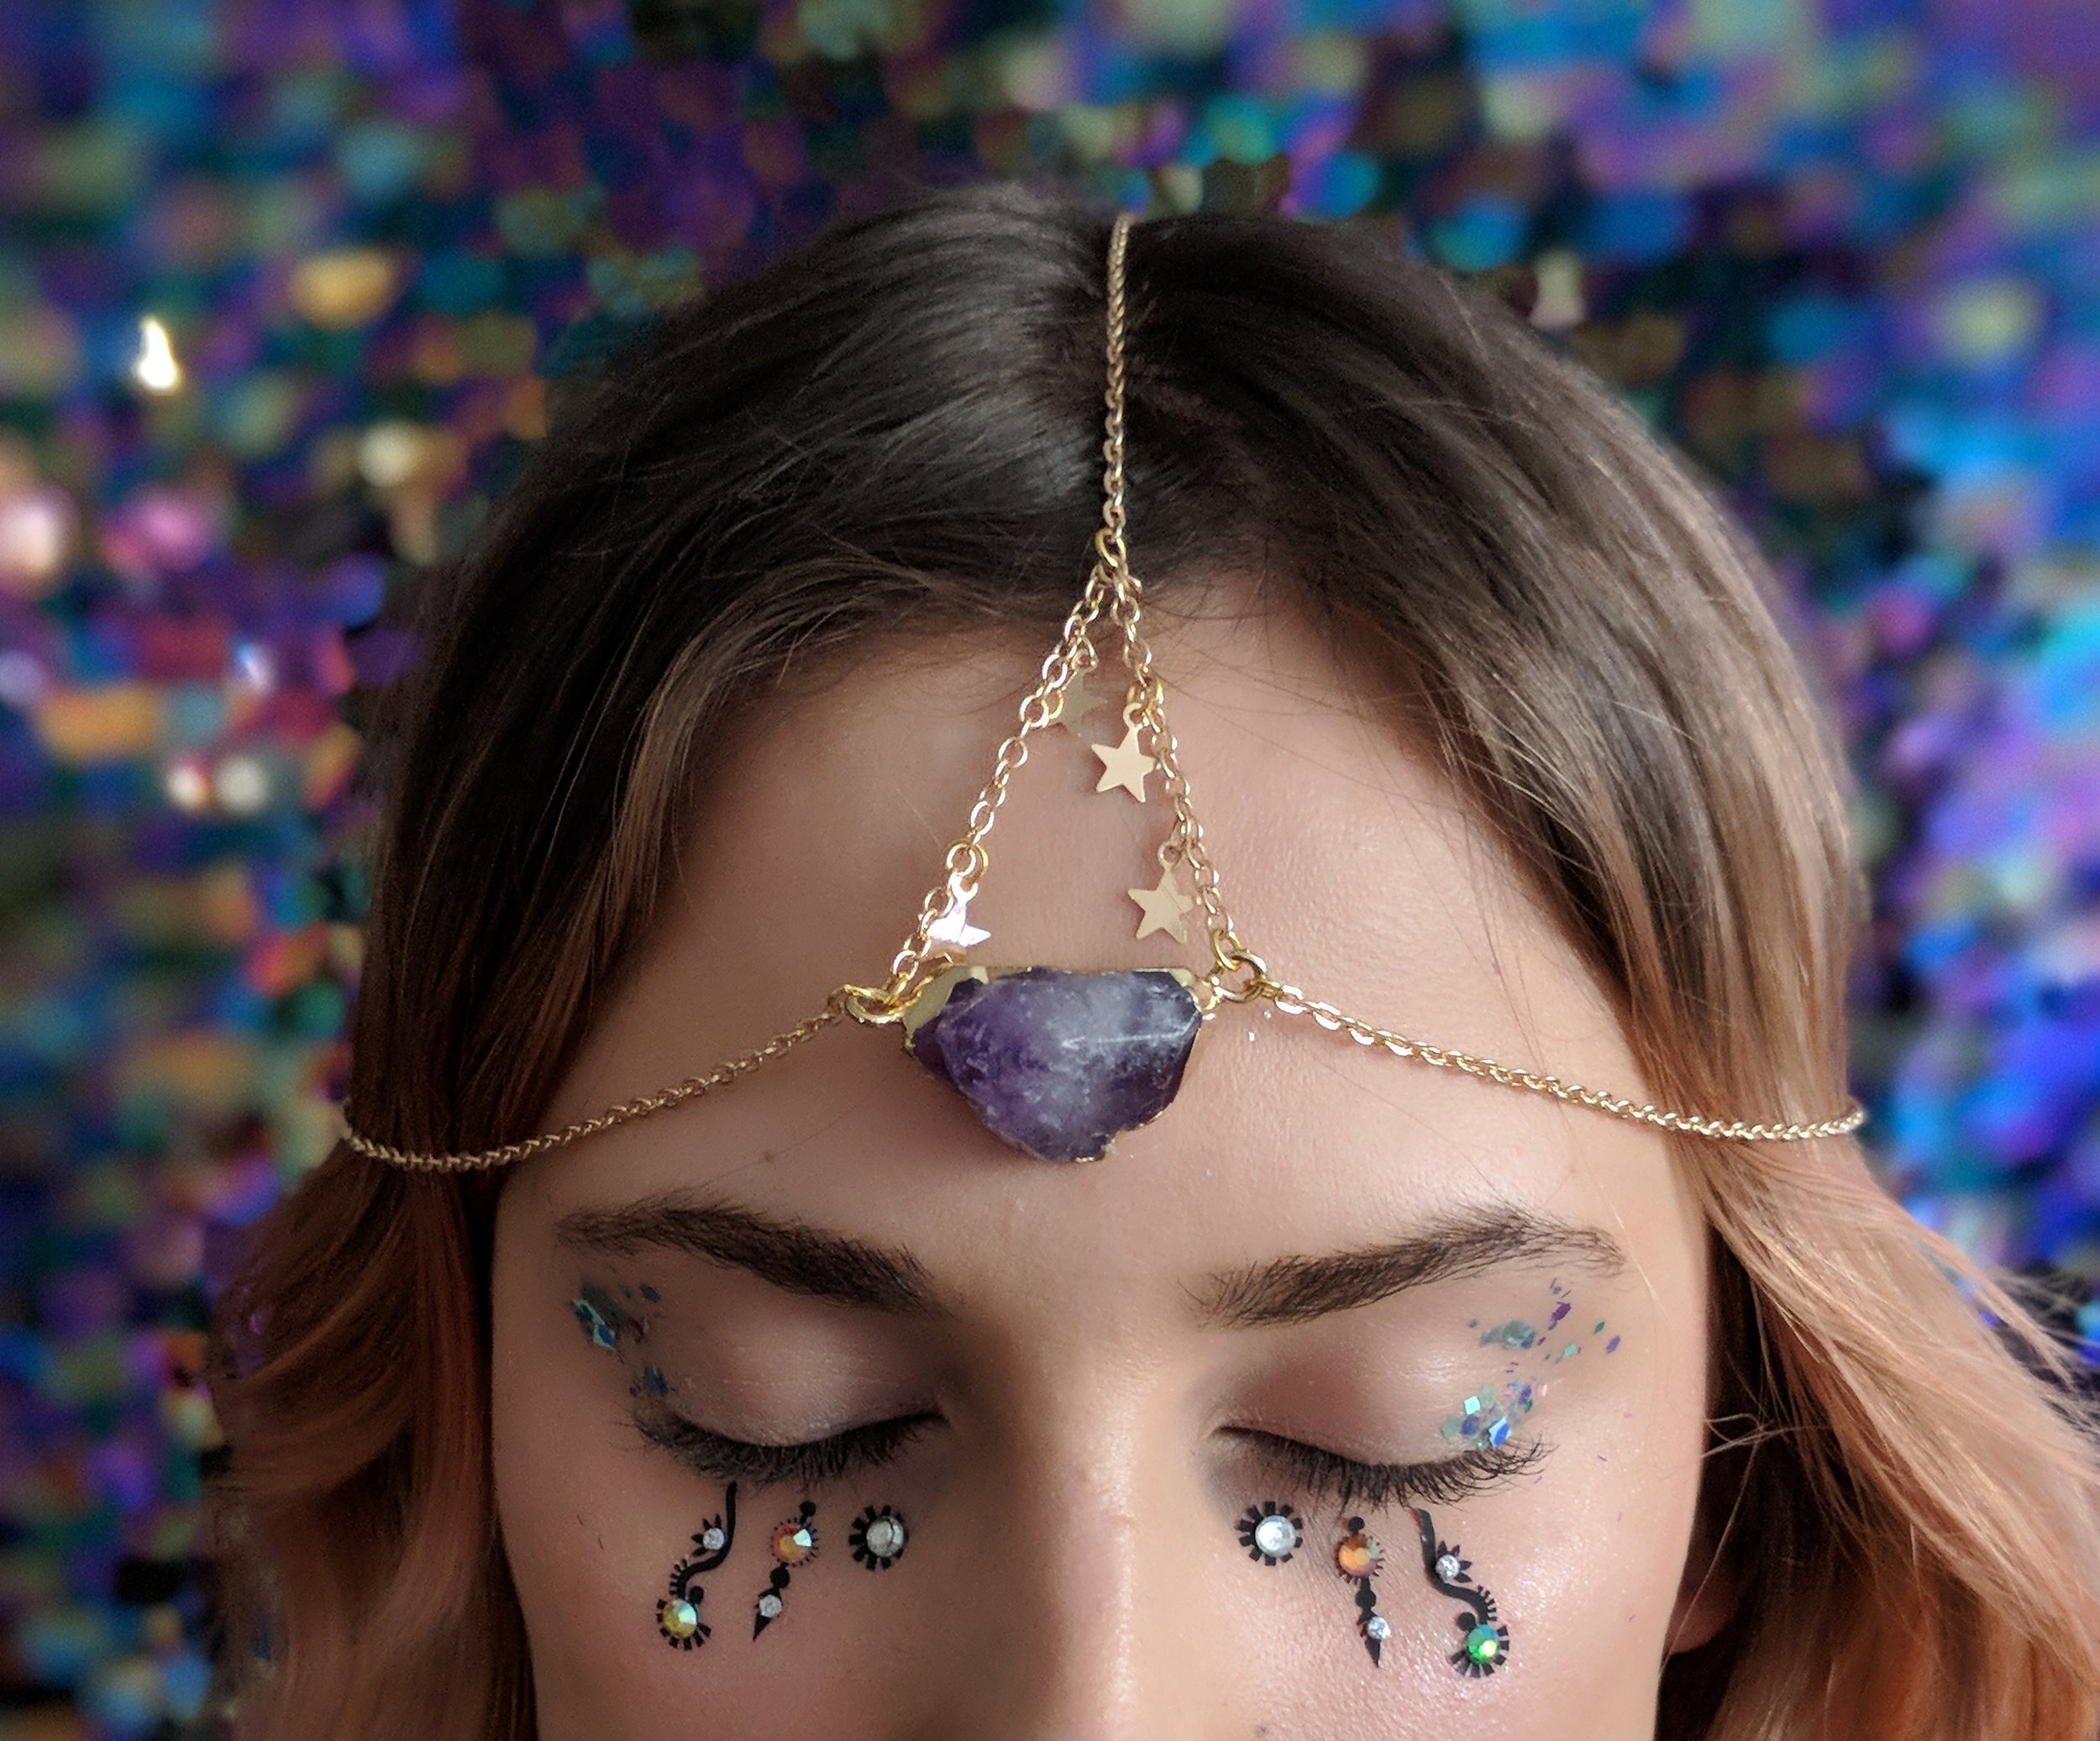 Mermaid earrings and amethyst stone